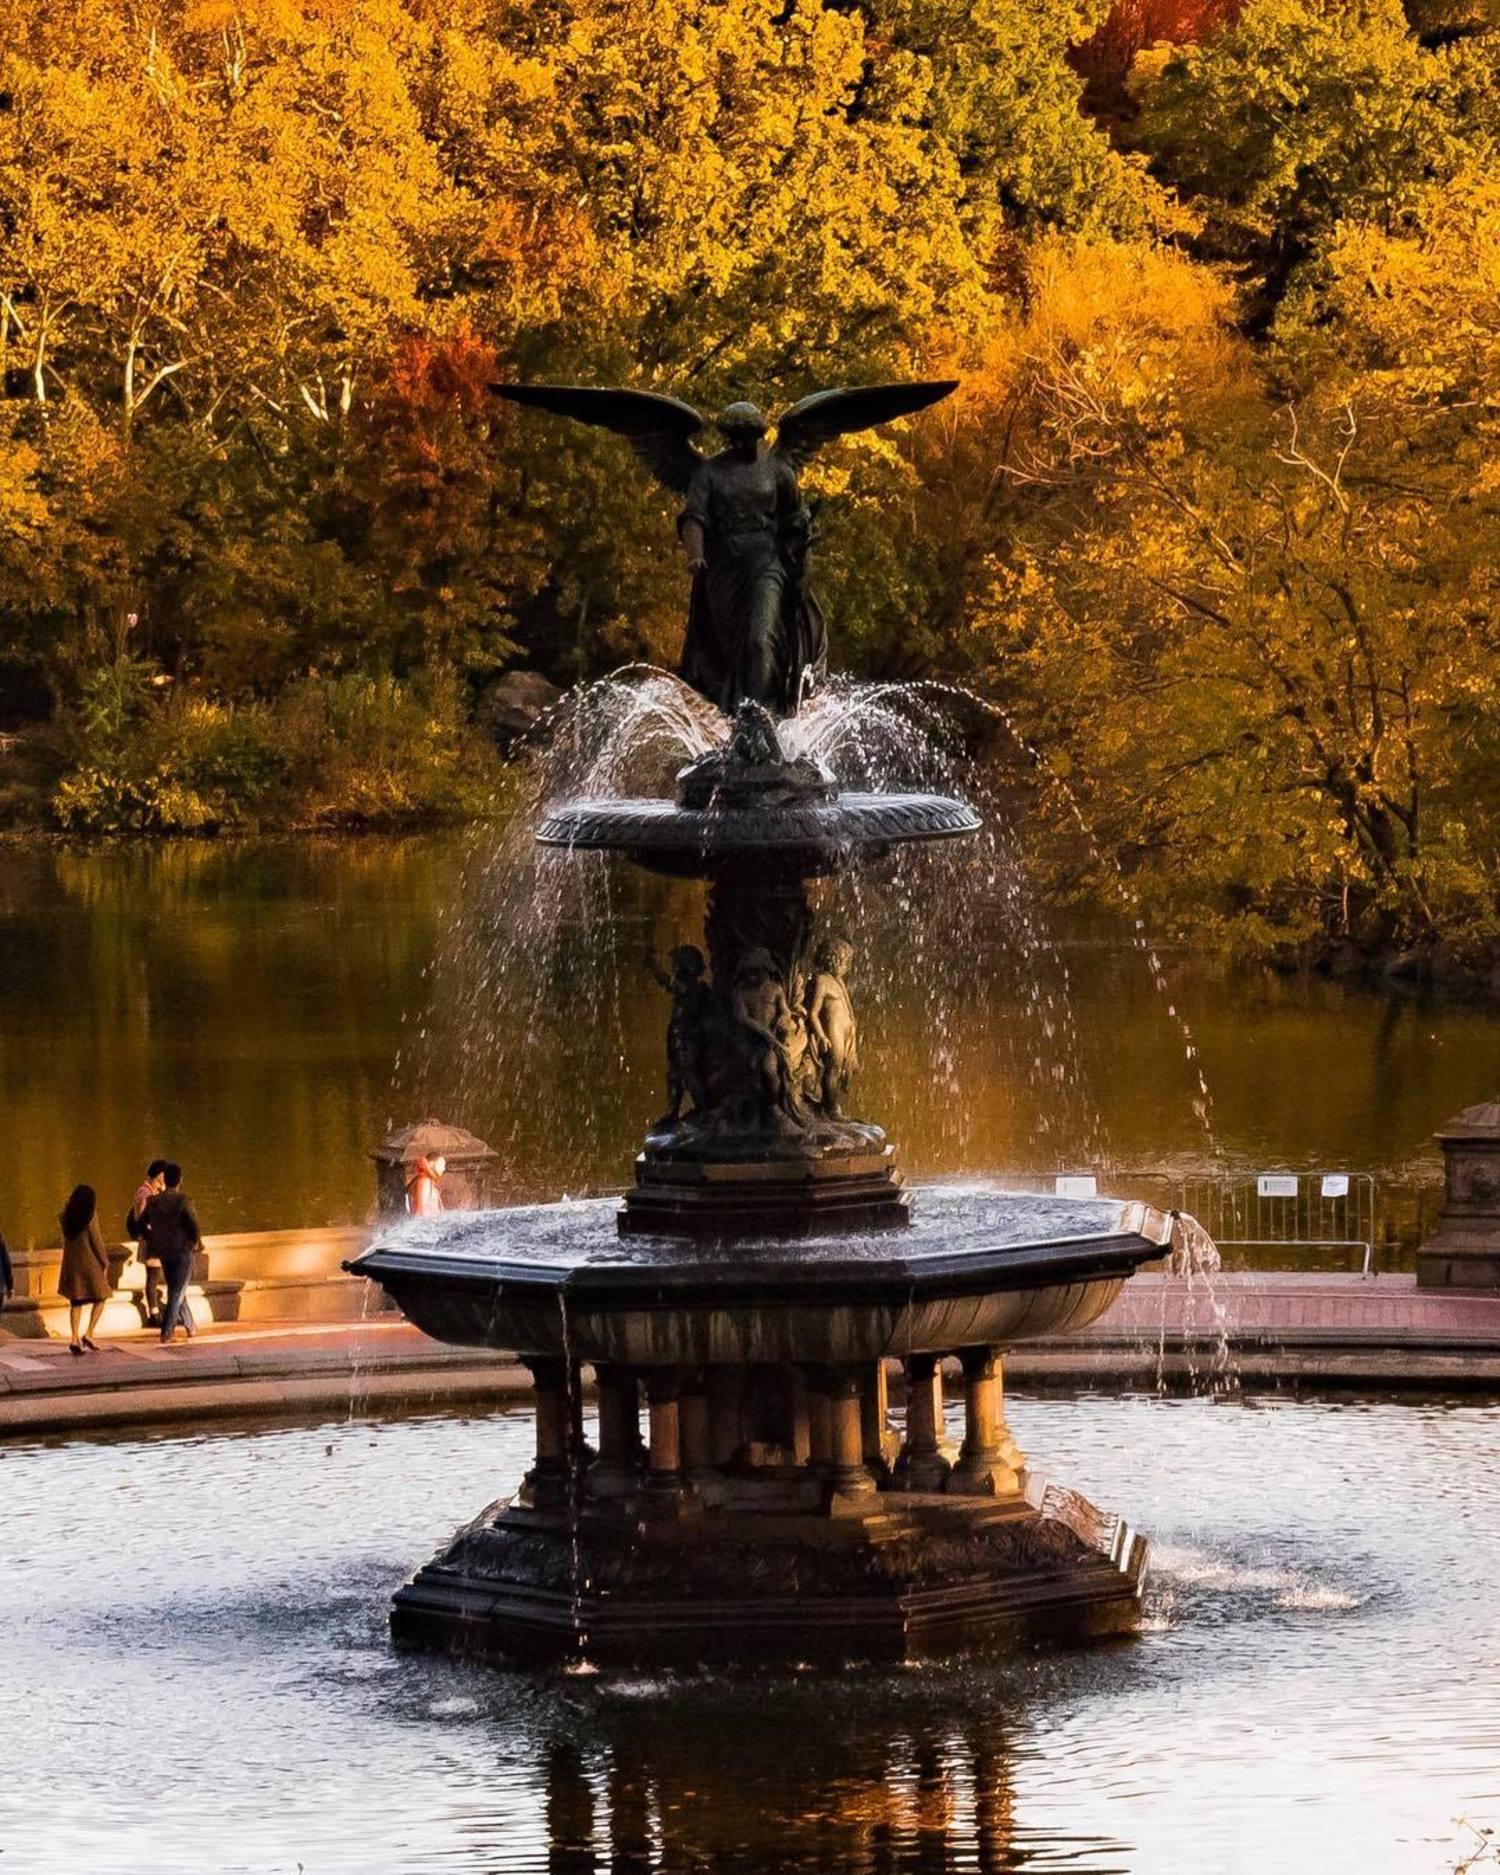 Bethesda Fountain, Central Park, New York, New York